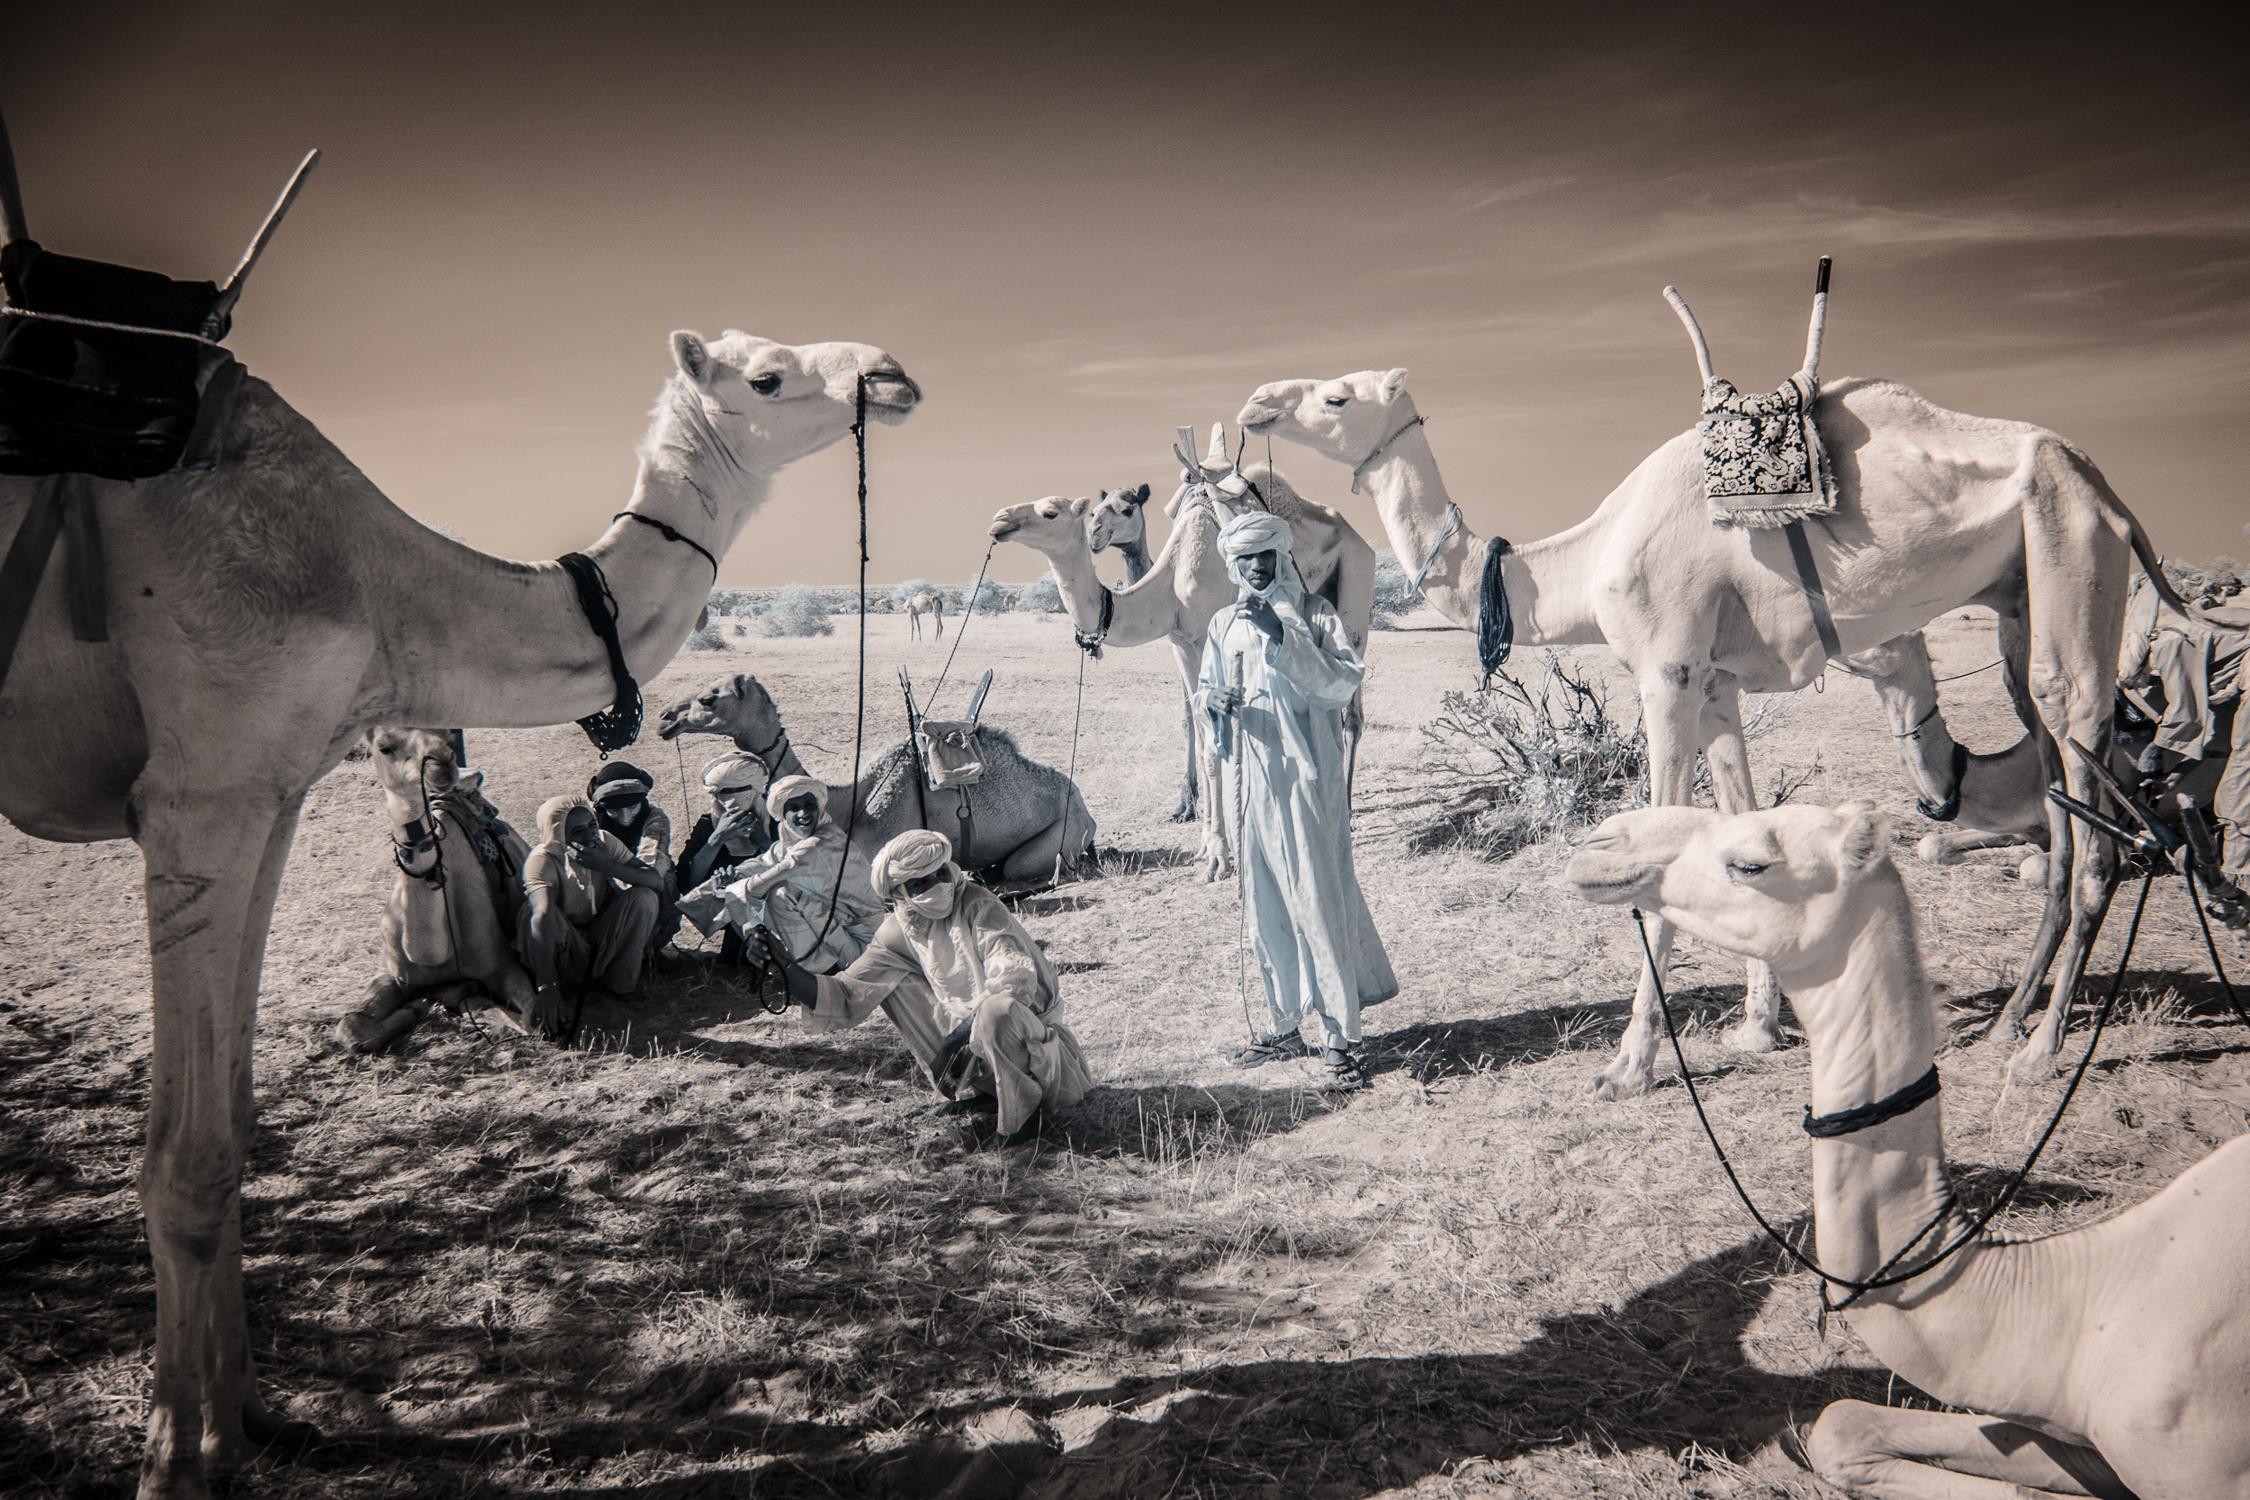 Niger_red2014-993-3.jpg